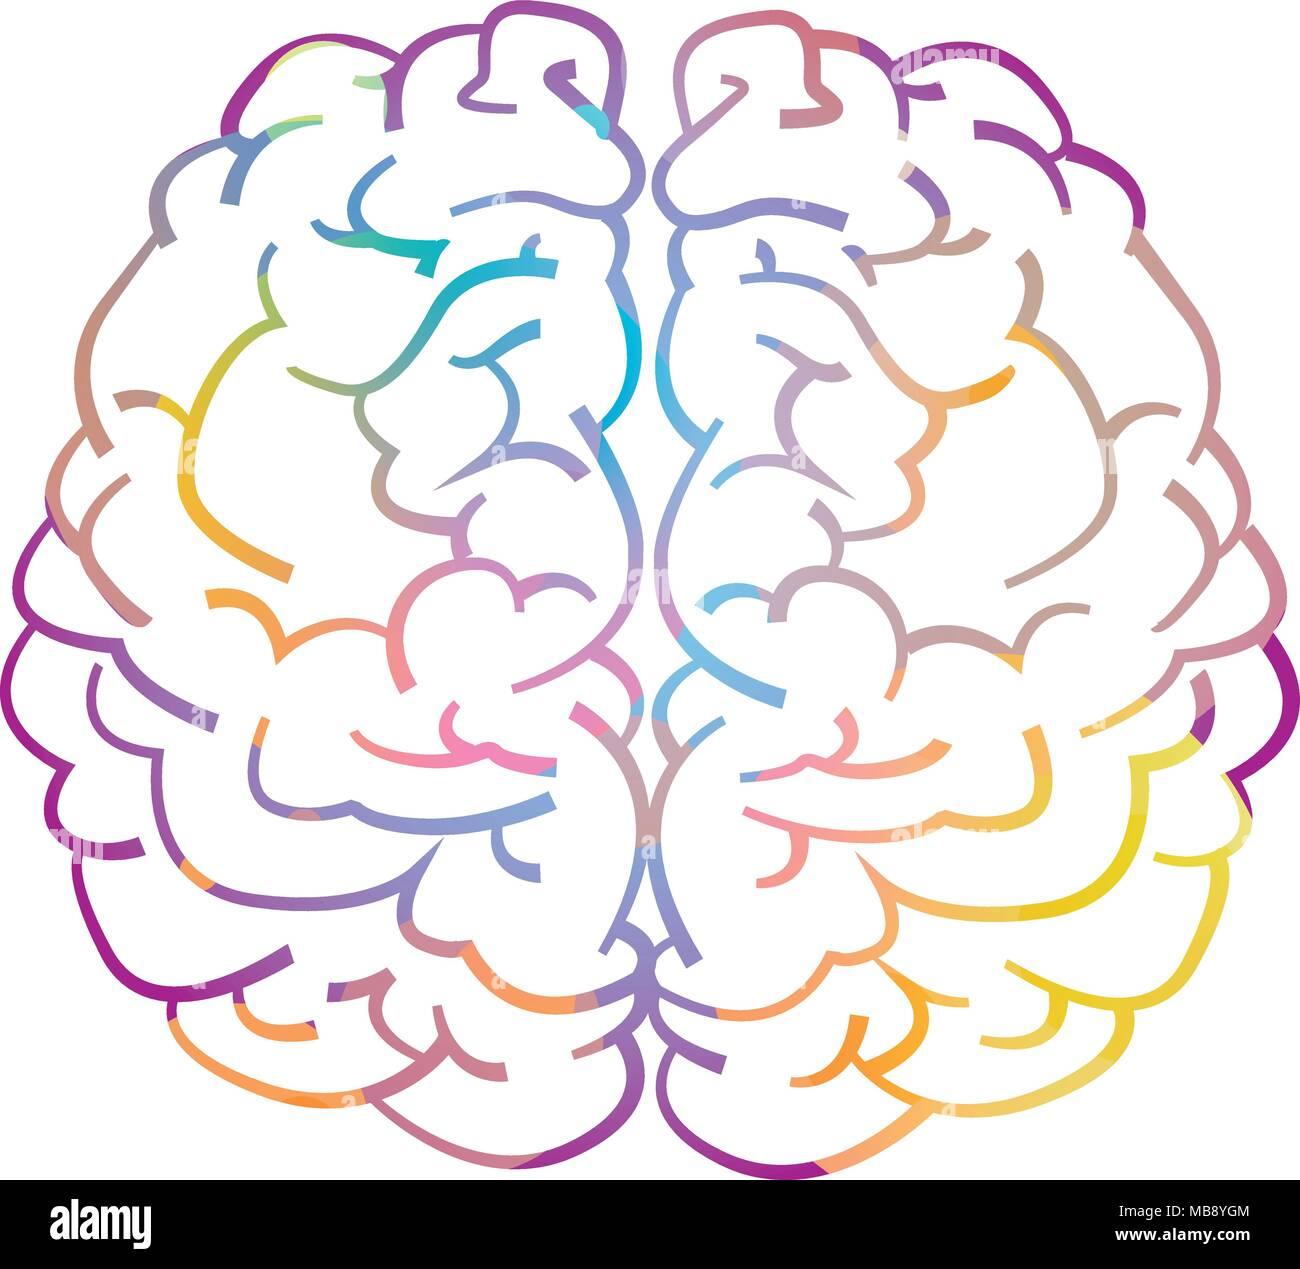 Left Hemisphere Brain Stockfotos & Left Hemisphere Brain Bilder - Alamy